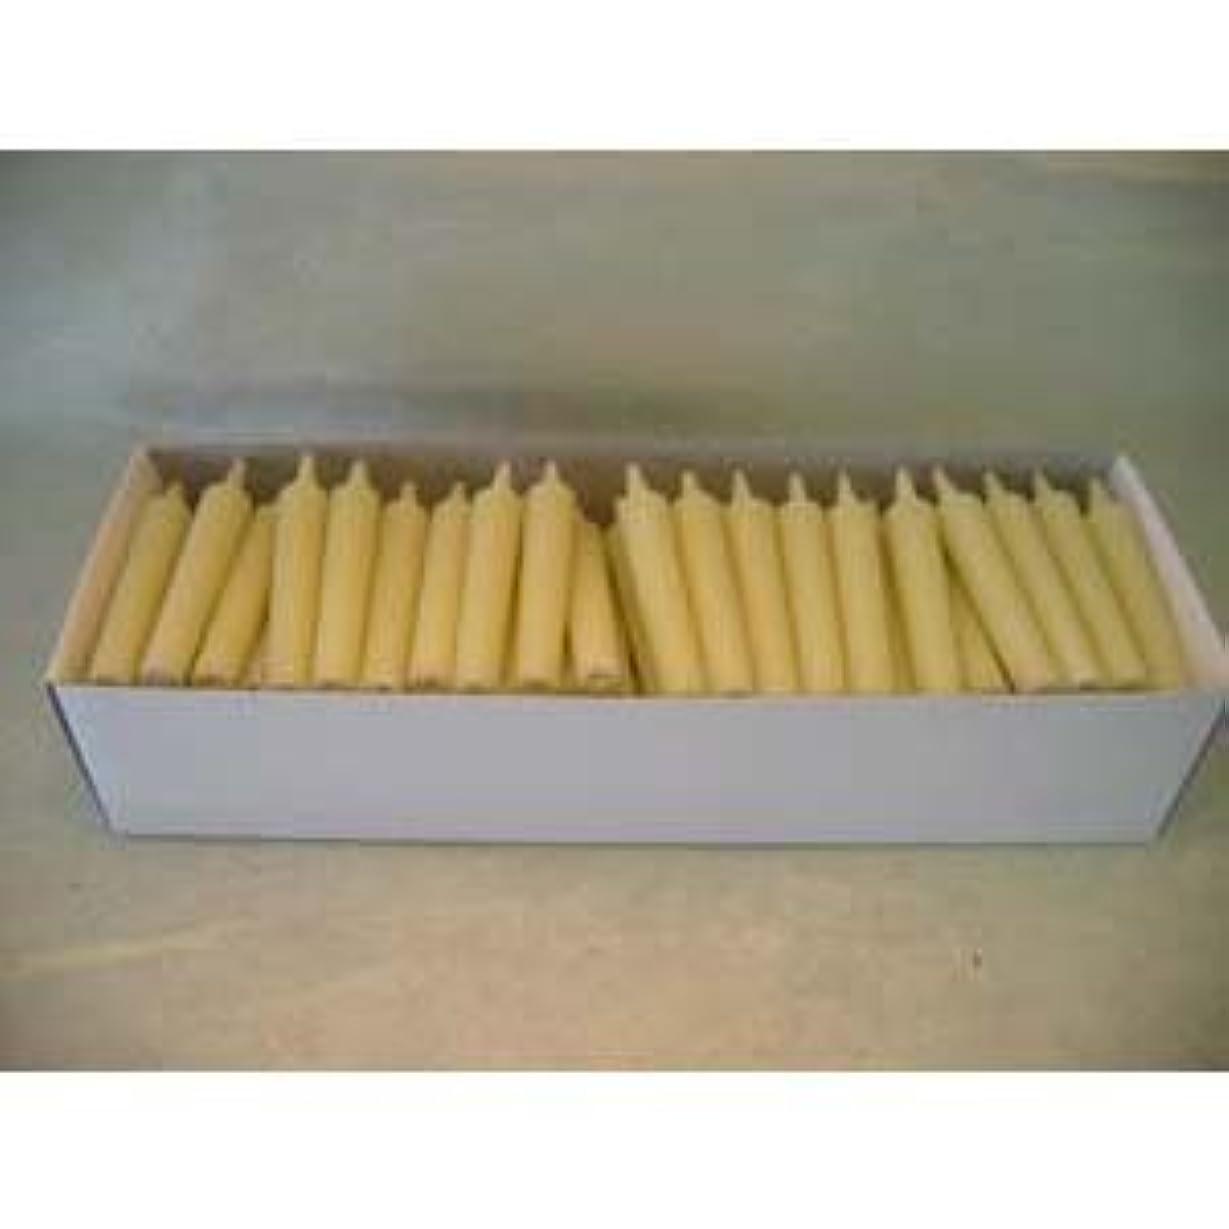 答え慢性的メジャー和ろうそく 型和蝋燭 ローソク 豆型 棒タイプ 白 100本入り